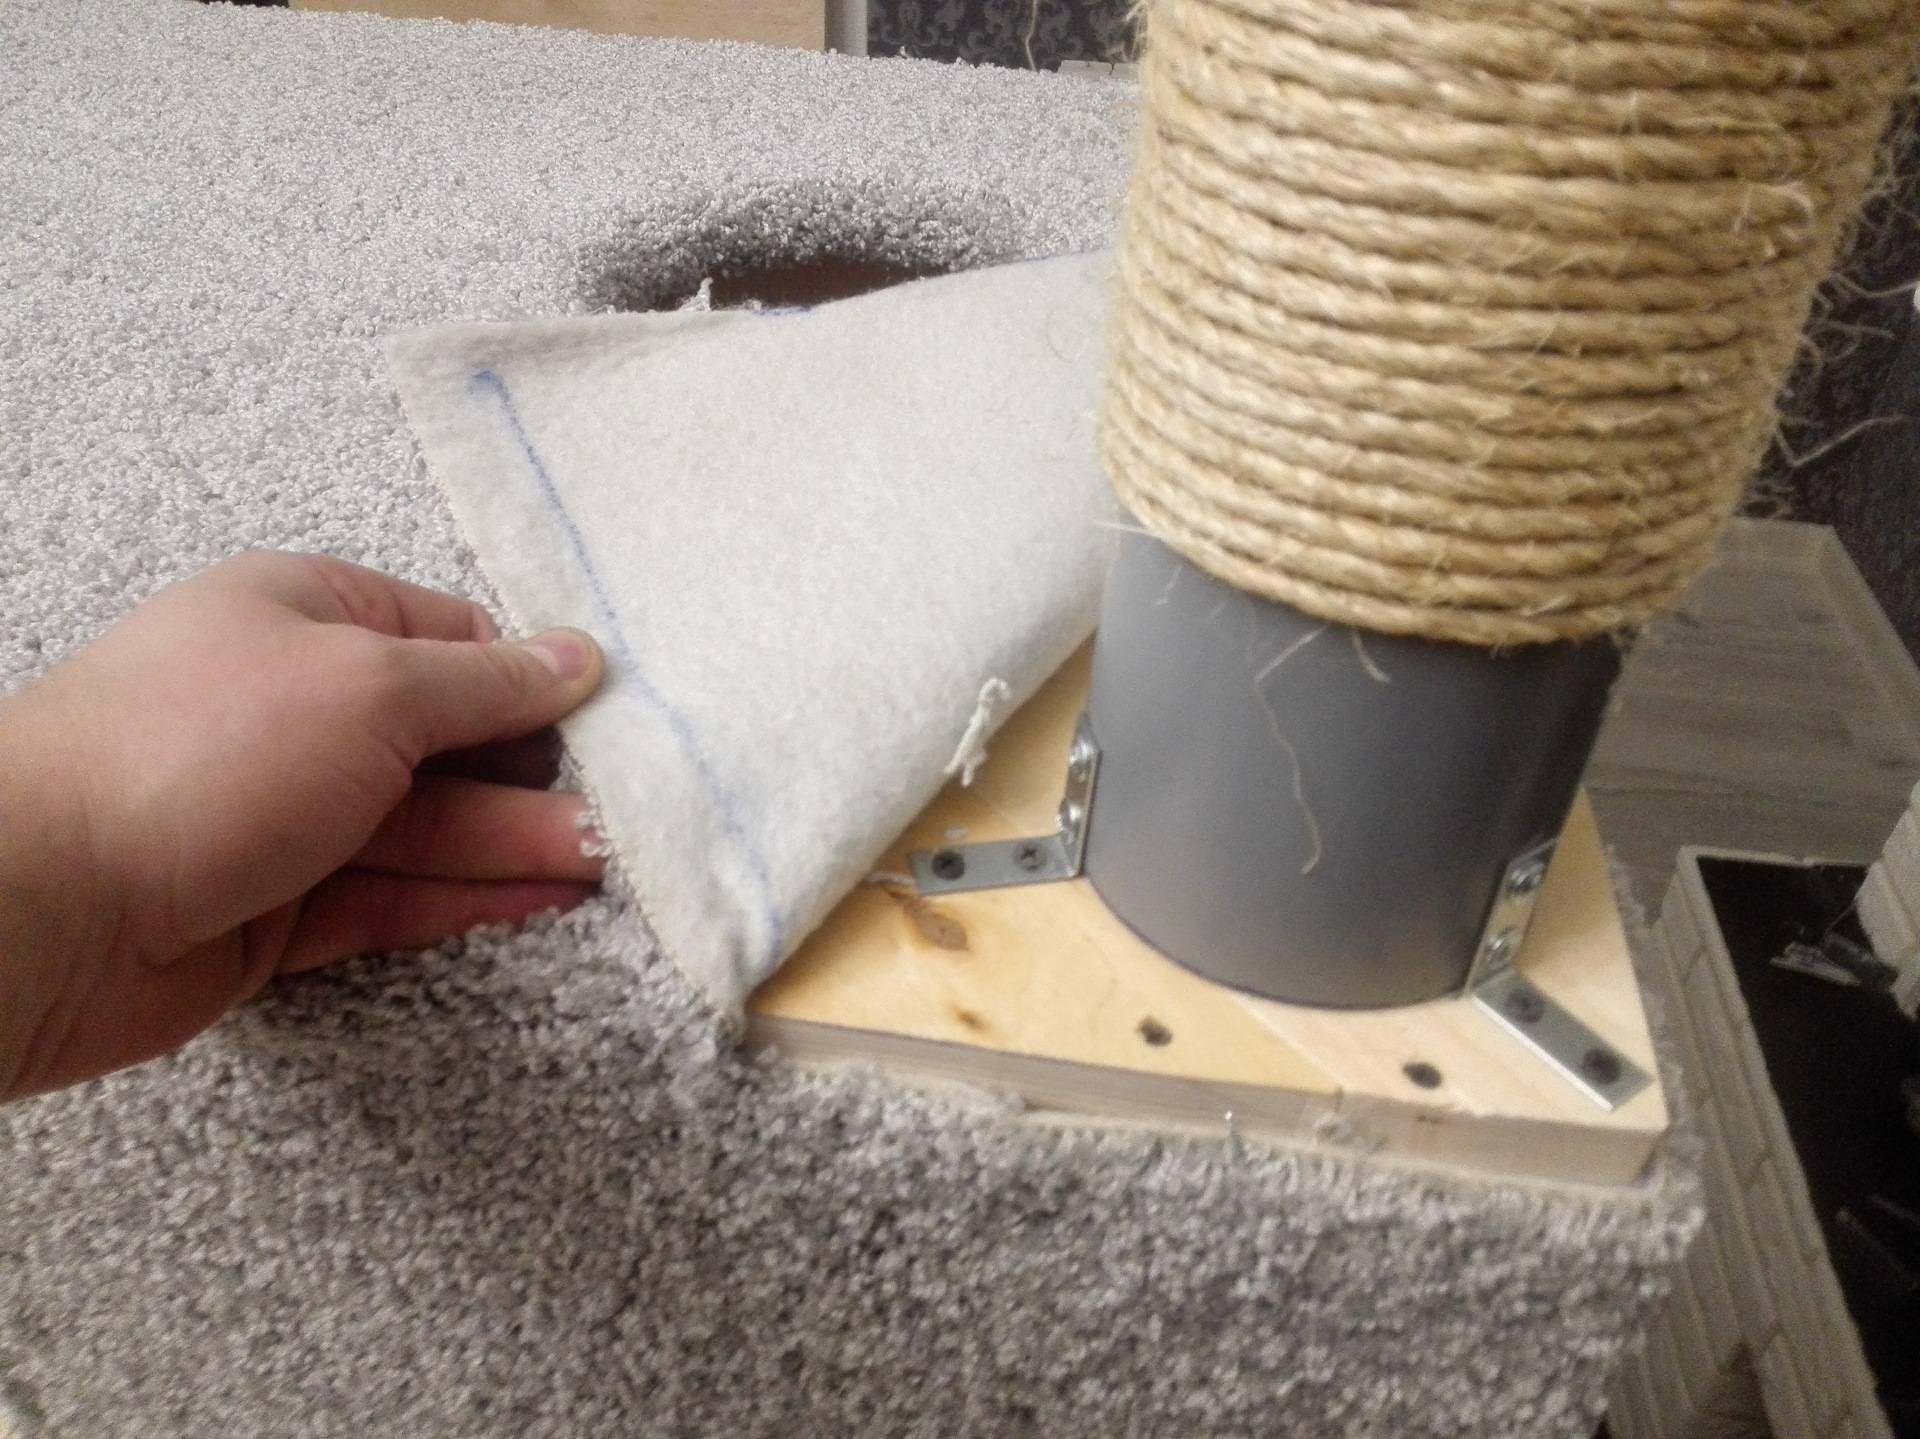 Когтеточка своими руками: схема, размеры и пошаговая инструкция изготовления в домашних условиях